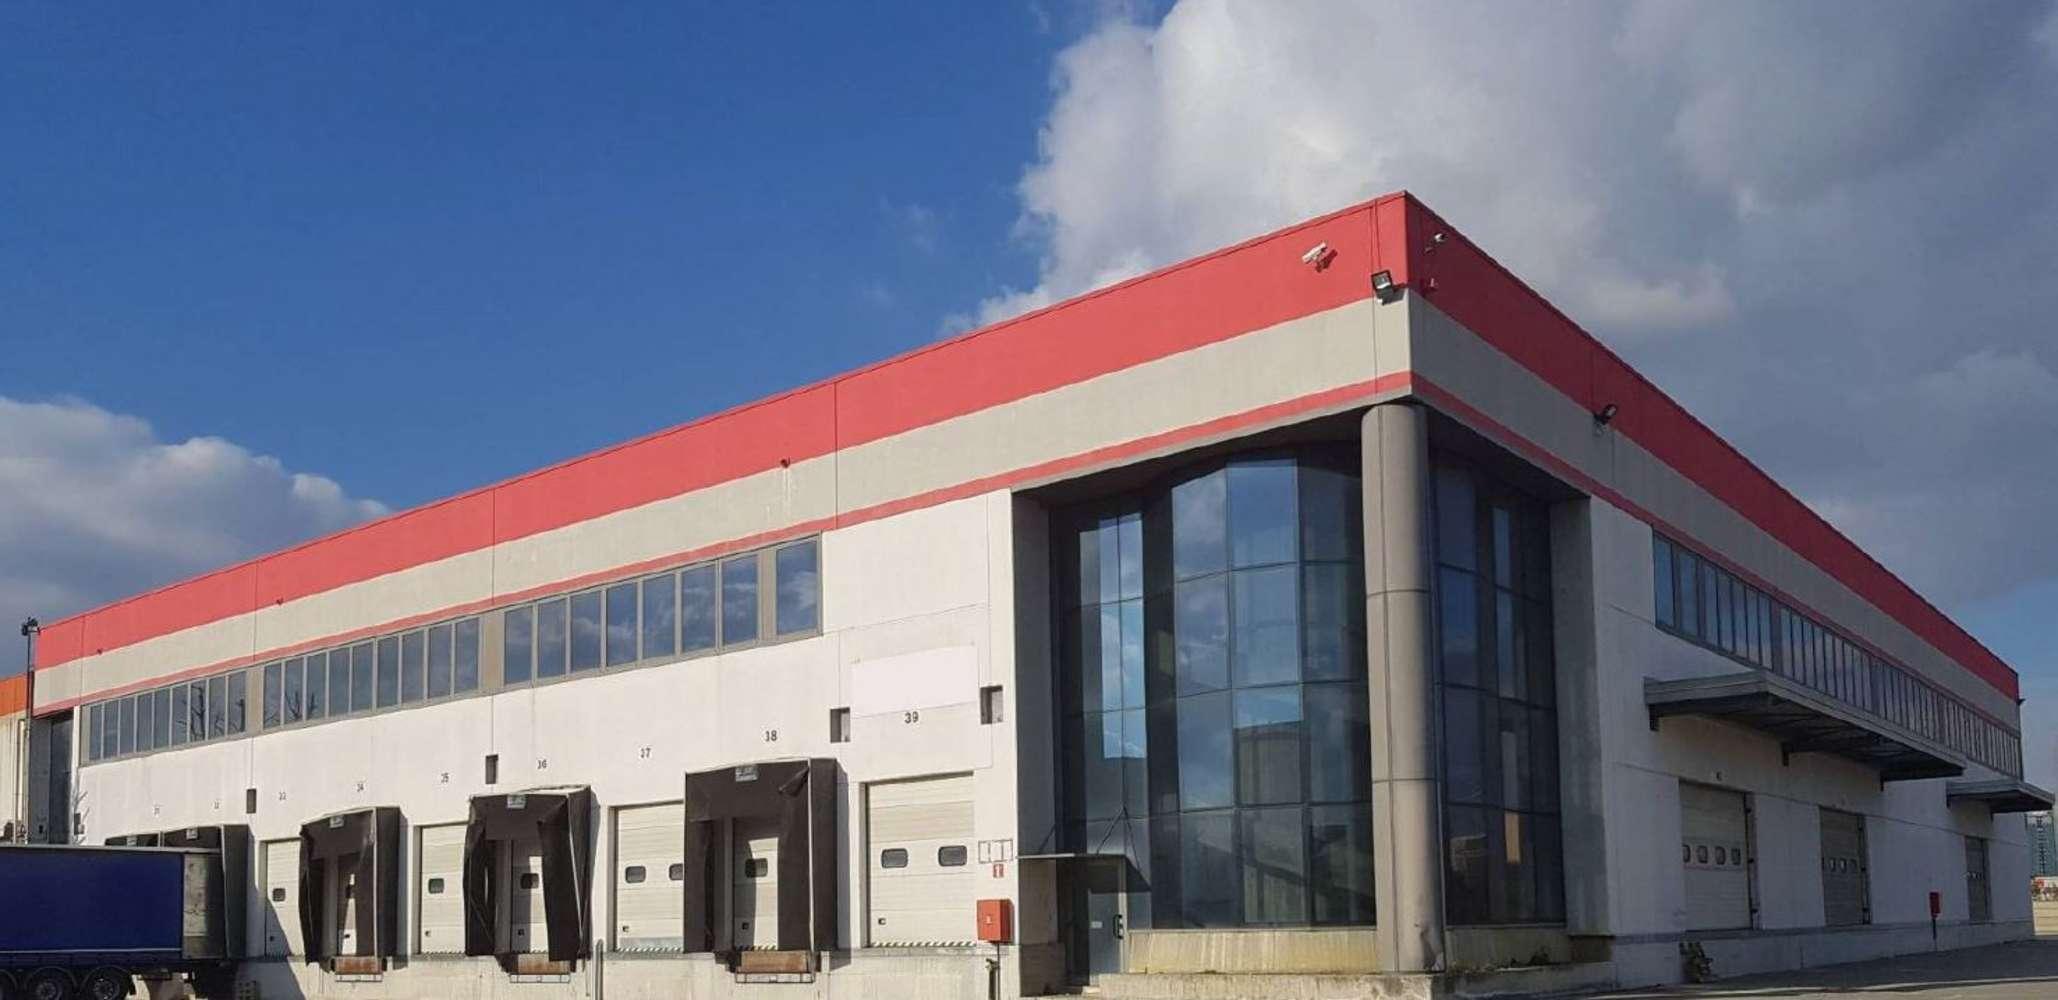 Magazzini industriali e logistici Castel maggiore, 40013 - Bologna Castel Maggiore